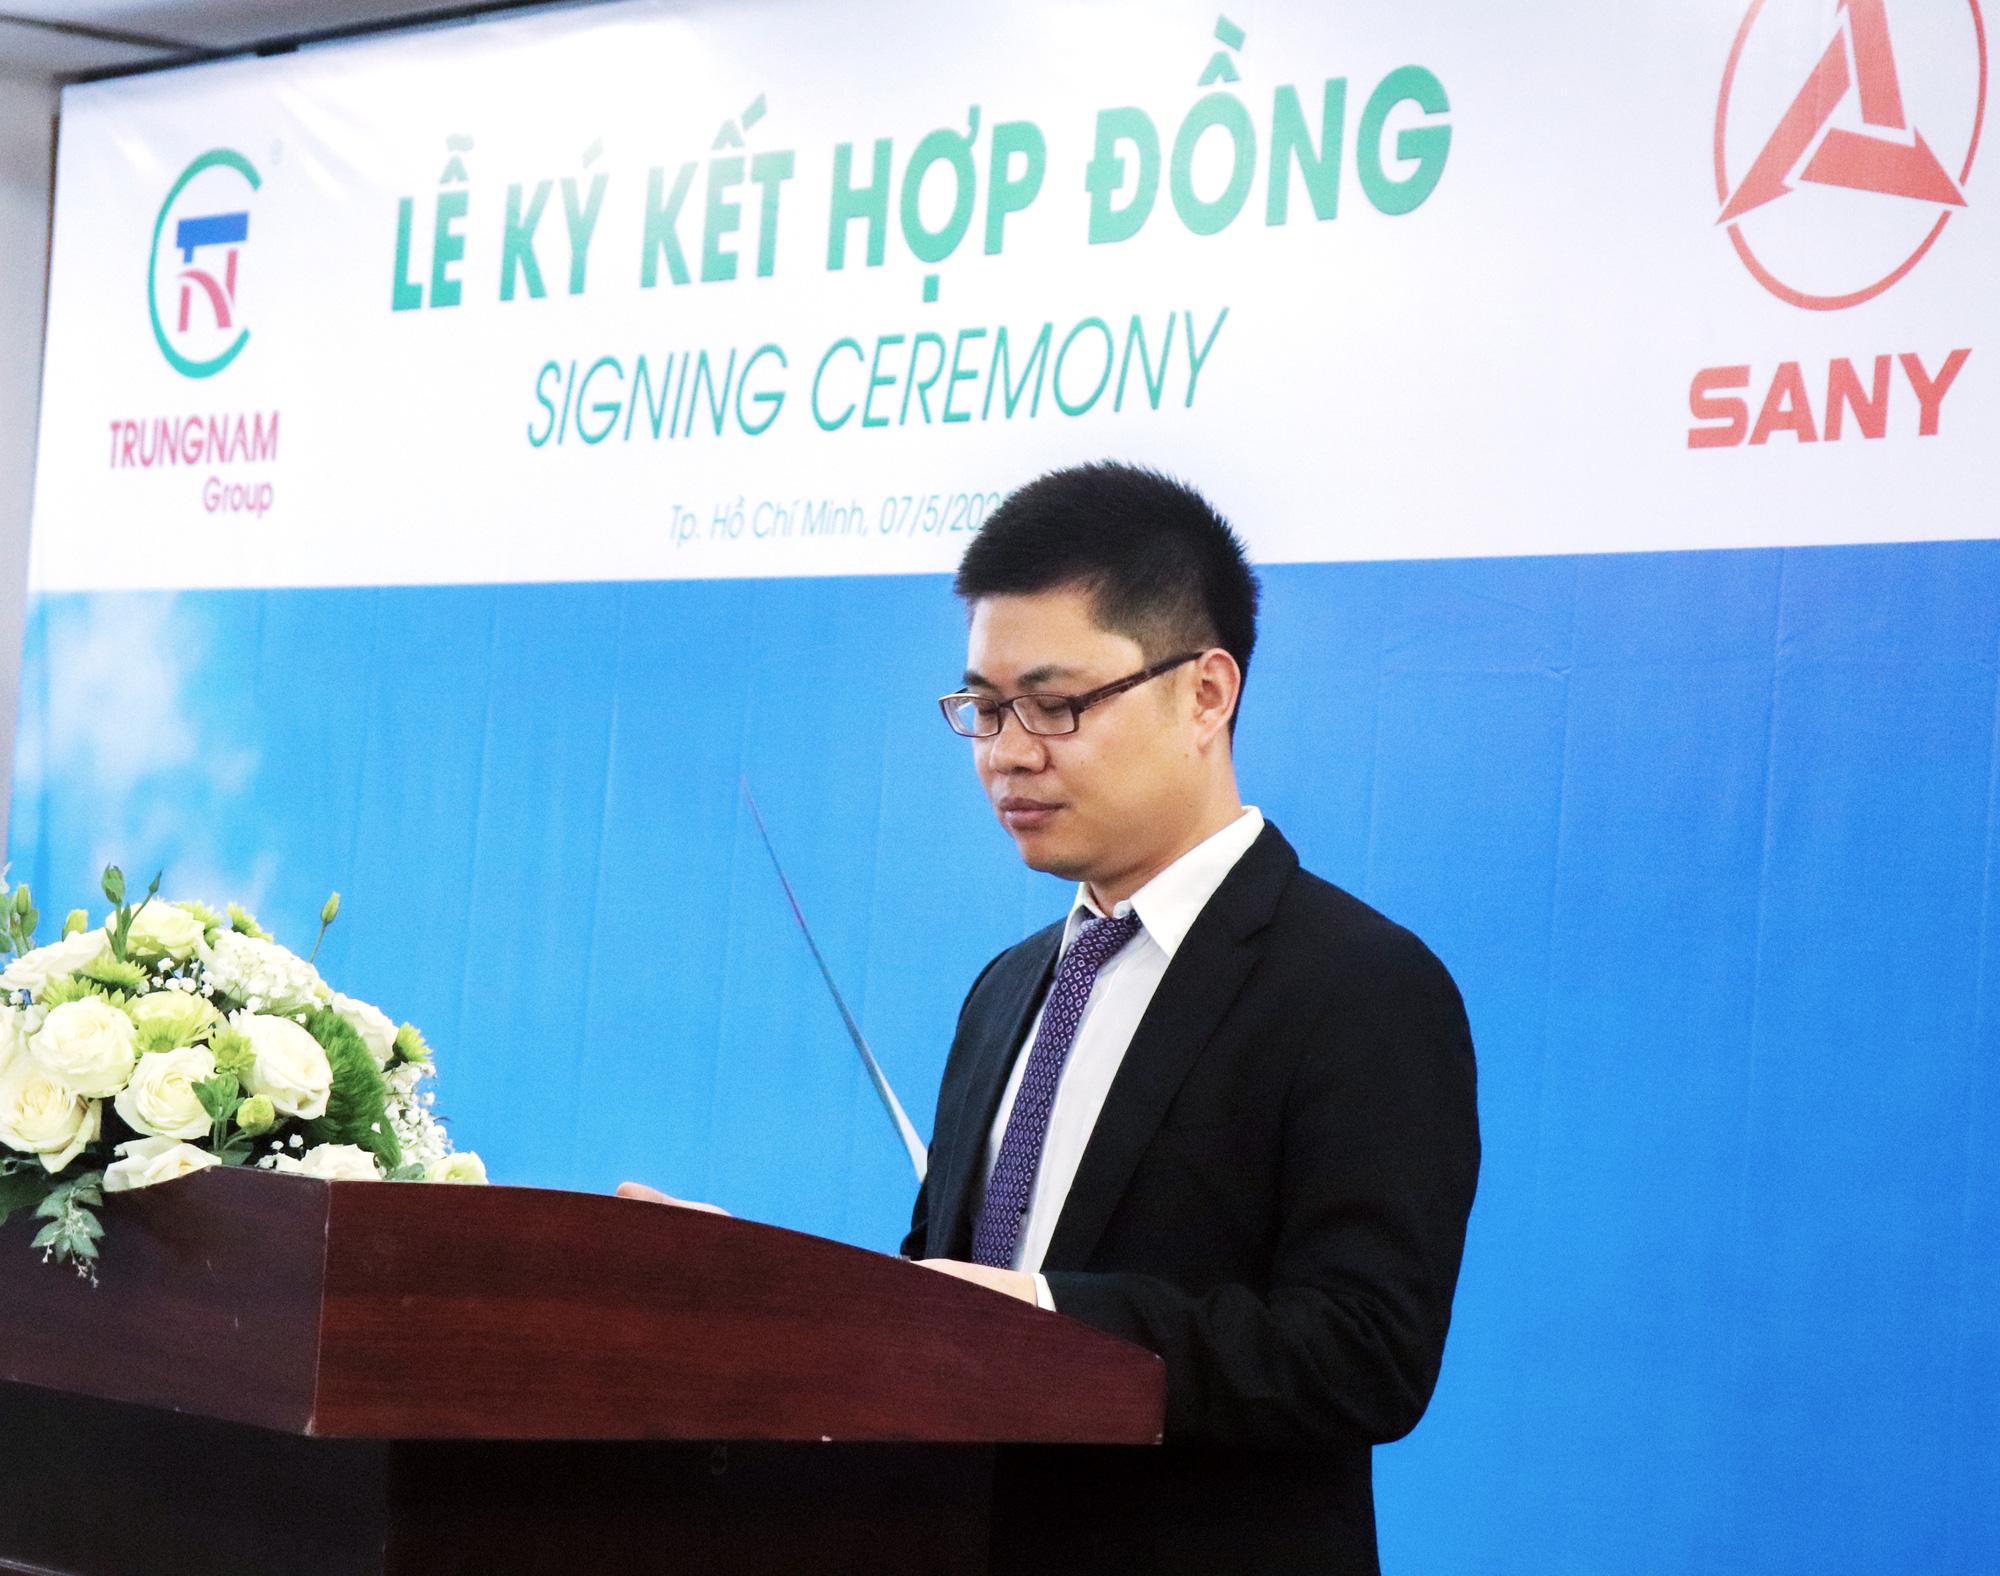 Trungnam Group chi 67 triệu USD mua thiết bị cho dự án năng lượng sạch  - Ảnh 2.